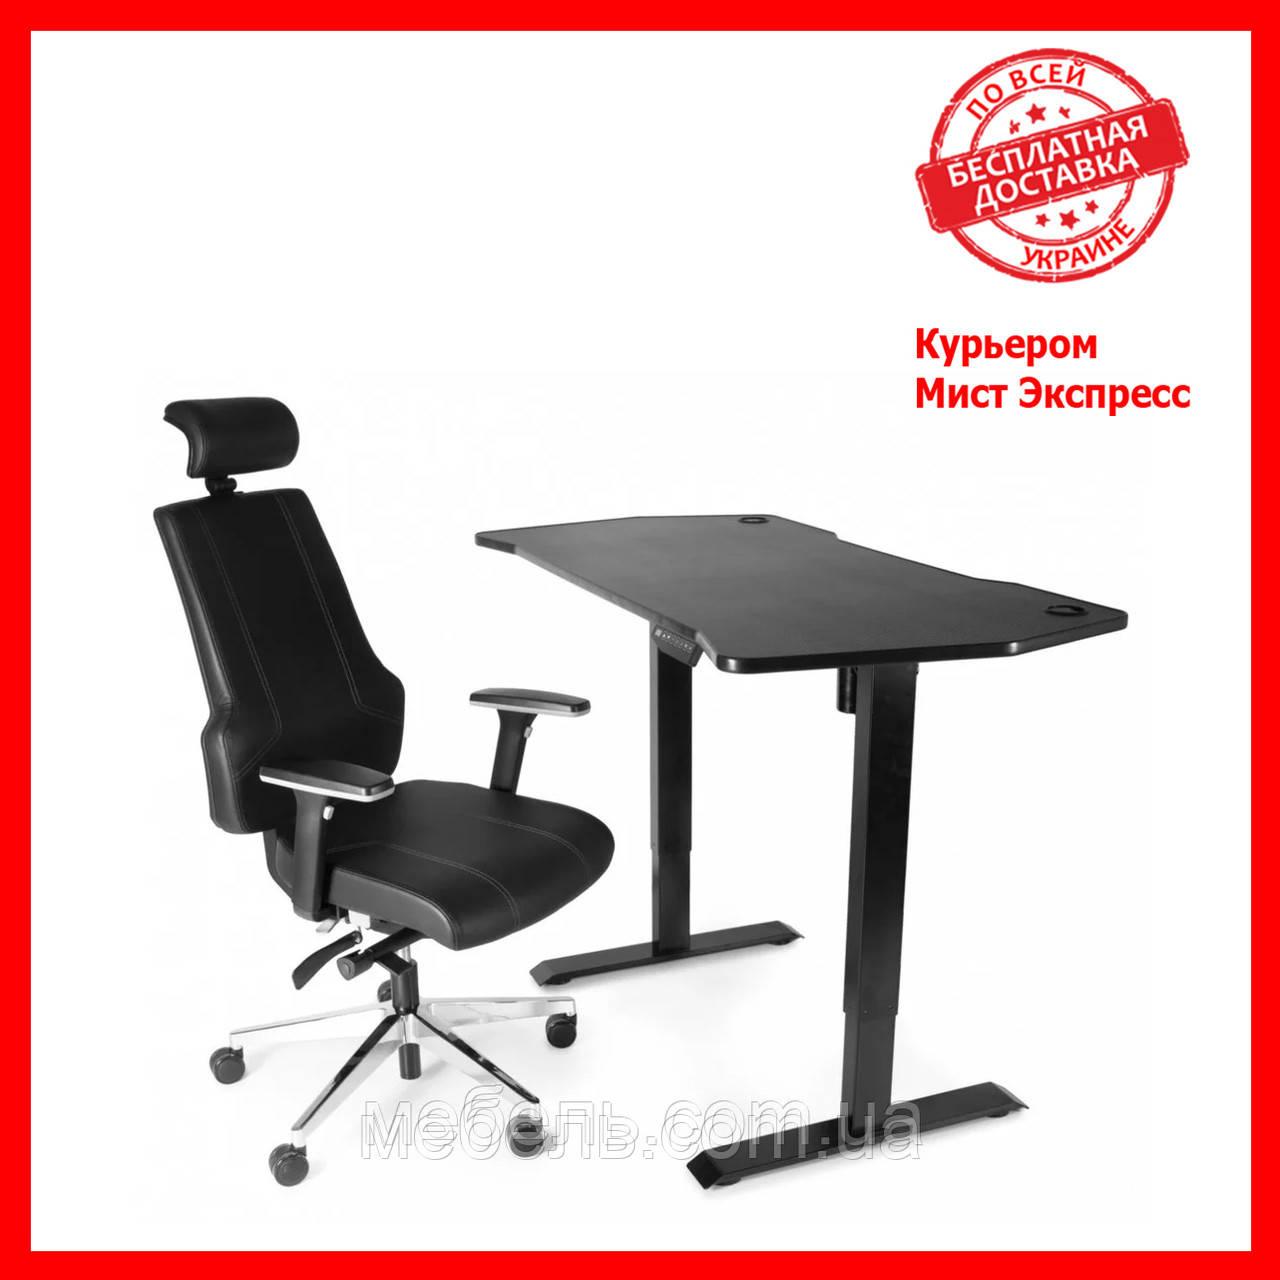 Компьютерный стол со стулом Barsky BSU_el-04+ST-01 VR Health Care, рабочая станция